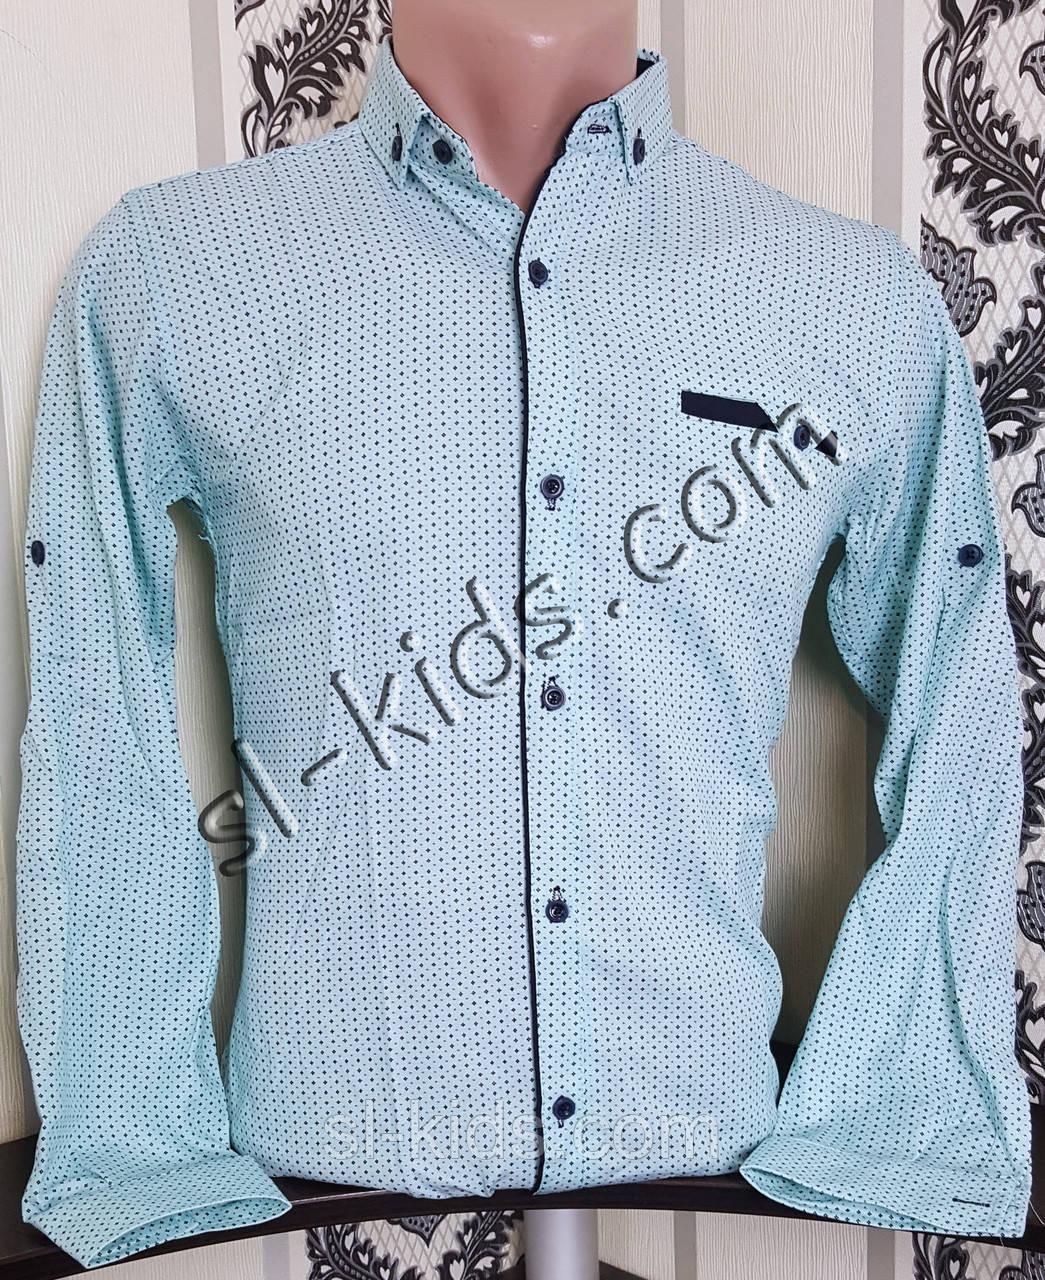 Стильная рубашка для мальчика 152-176 см(опт) (бирюза) (пр. Турция)